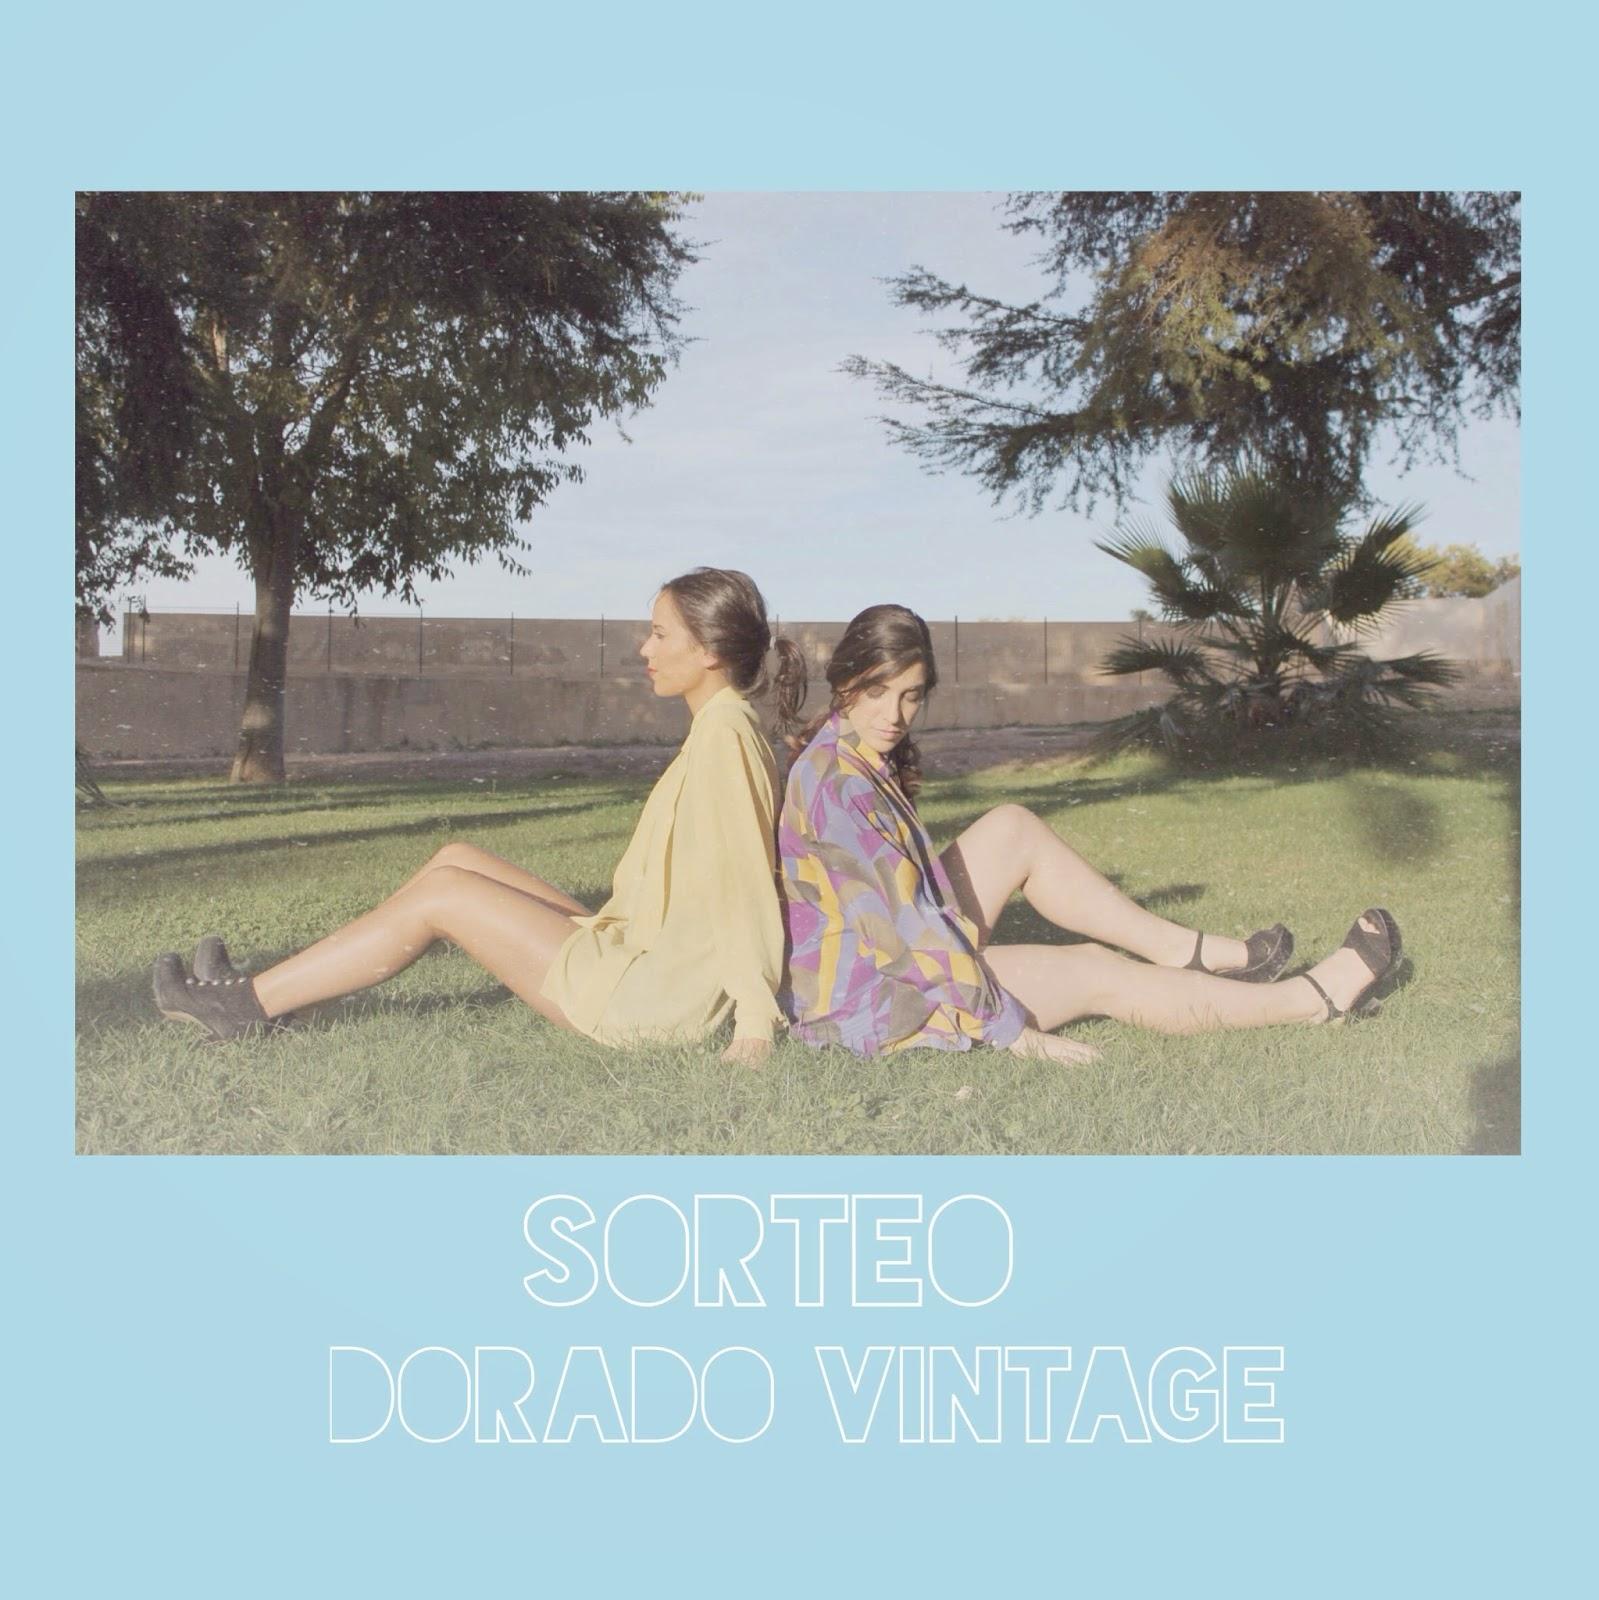 Dorado Vintage | Tienda vintage online ropa complementos originales retro pin up